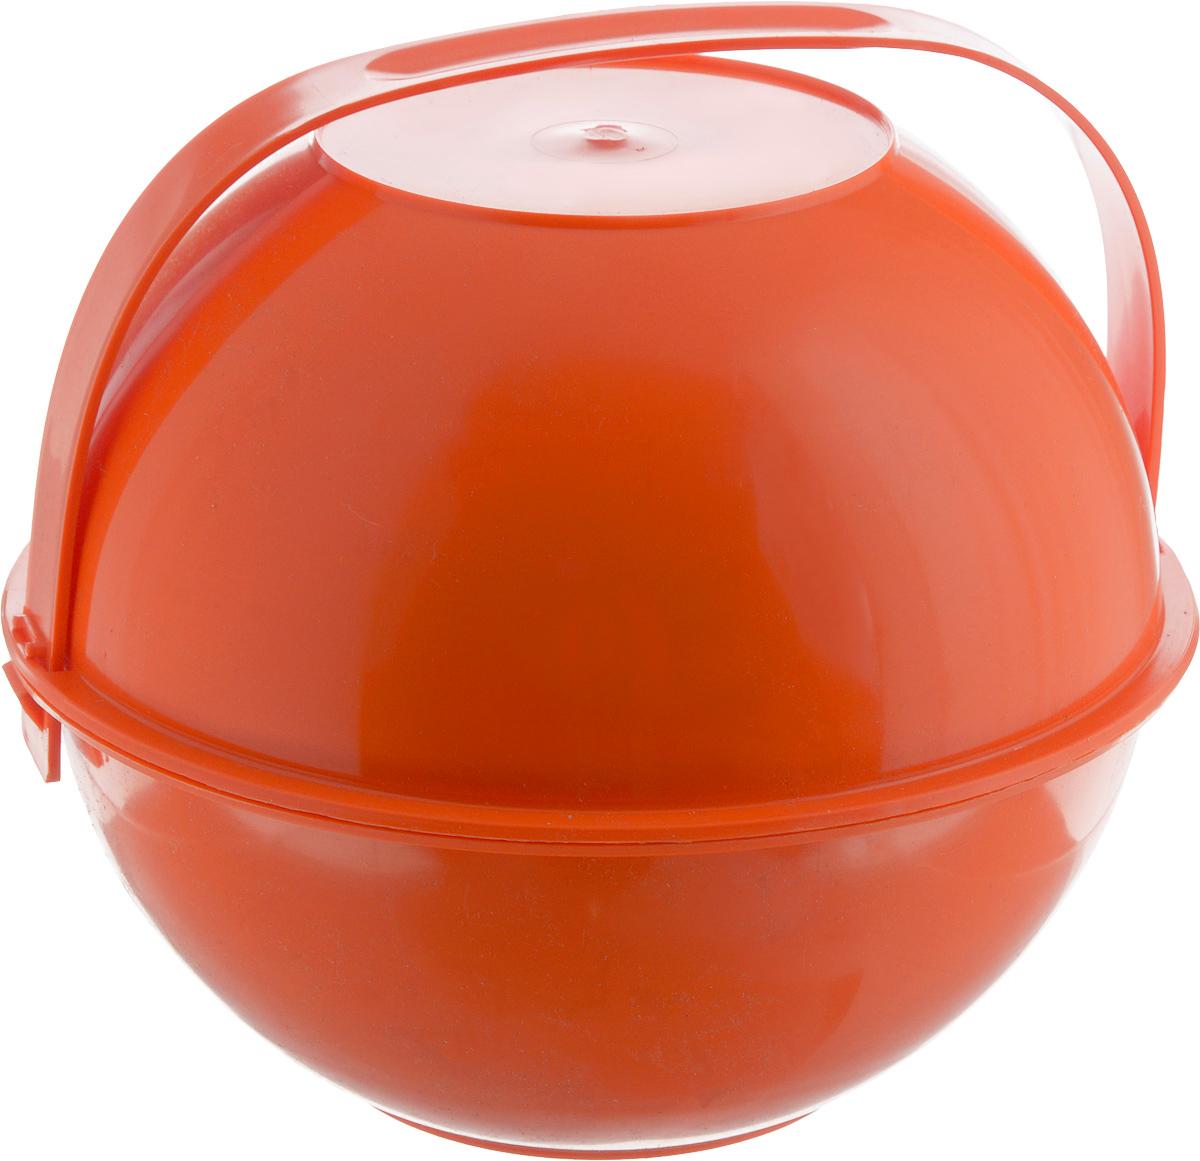 Набор пластиковой посуды Gotoff Туристический, цвет: оранжевый, 21 предметWTC-800_оранжевыйНабор пластиковой посуды Gotoff Туристический включает 6 глубоких тарелок, 6 плоских тарелок, 6 стаканов, поднос/разделочную доску и 2 салатника. Изделия выполнены из прочного пищевого полипропилена. Набор отлично подойдет как для холодных, так и для горячих блюд. Его удобно использовать на даче, брать с собой на пикники и в поездки. Пластиковая посуда не разобьется и будет служить вам долгое время. Изделия легко моются, гигиеничны, не накапливают запахов. Набор имеет удобный контейнер для хранения с ручкой для переноски. Контейнер при желании можно использовать в качестве двух мисок. Диаметр глубокой тарелки: 19 см. Высота глубокой тарелки: 4 см. Диаметр плоской тарелки: 21 см. Диаметр стакана: 7 см. Высота стакана: 9 см. Диаметр подноса: 22 см. Диаметр салатника: 24,5 см. Высота салатника: 10 см.